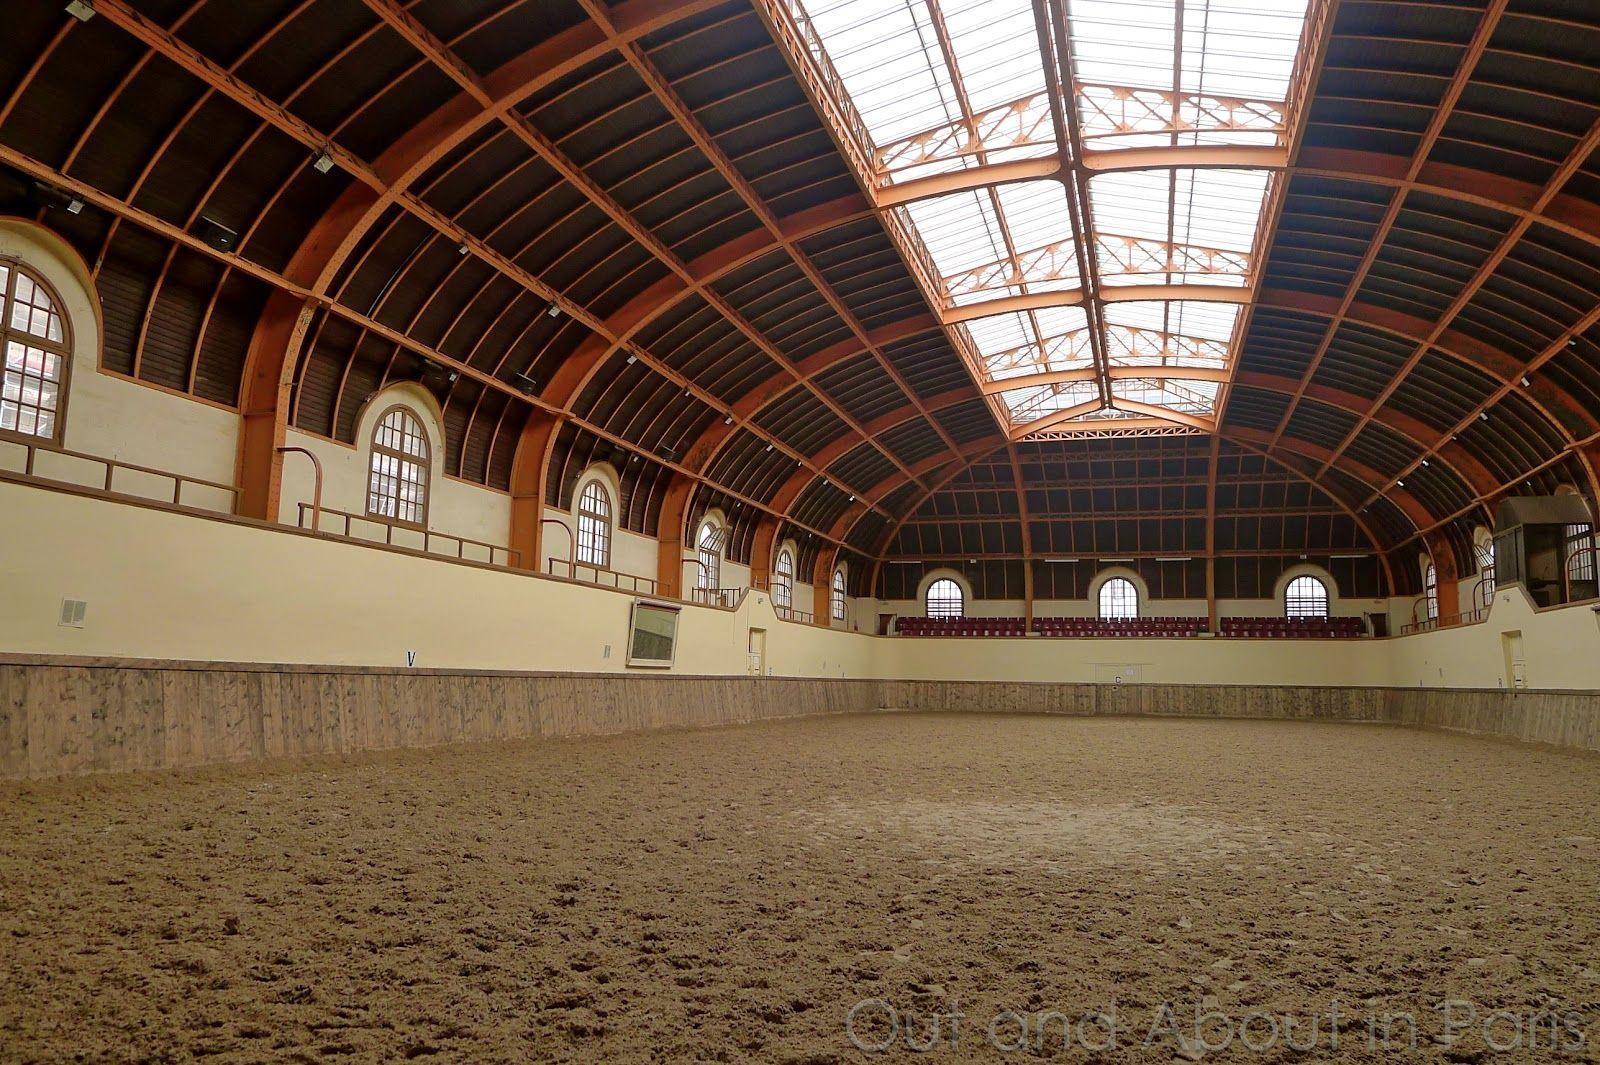 Barrel Vaulted Riding Arena Horse Riding Arena Indoor Horse Riding Arena Riding Arenas